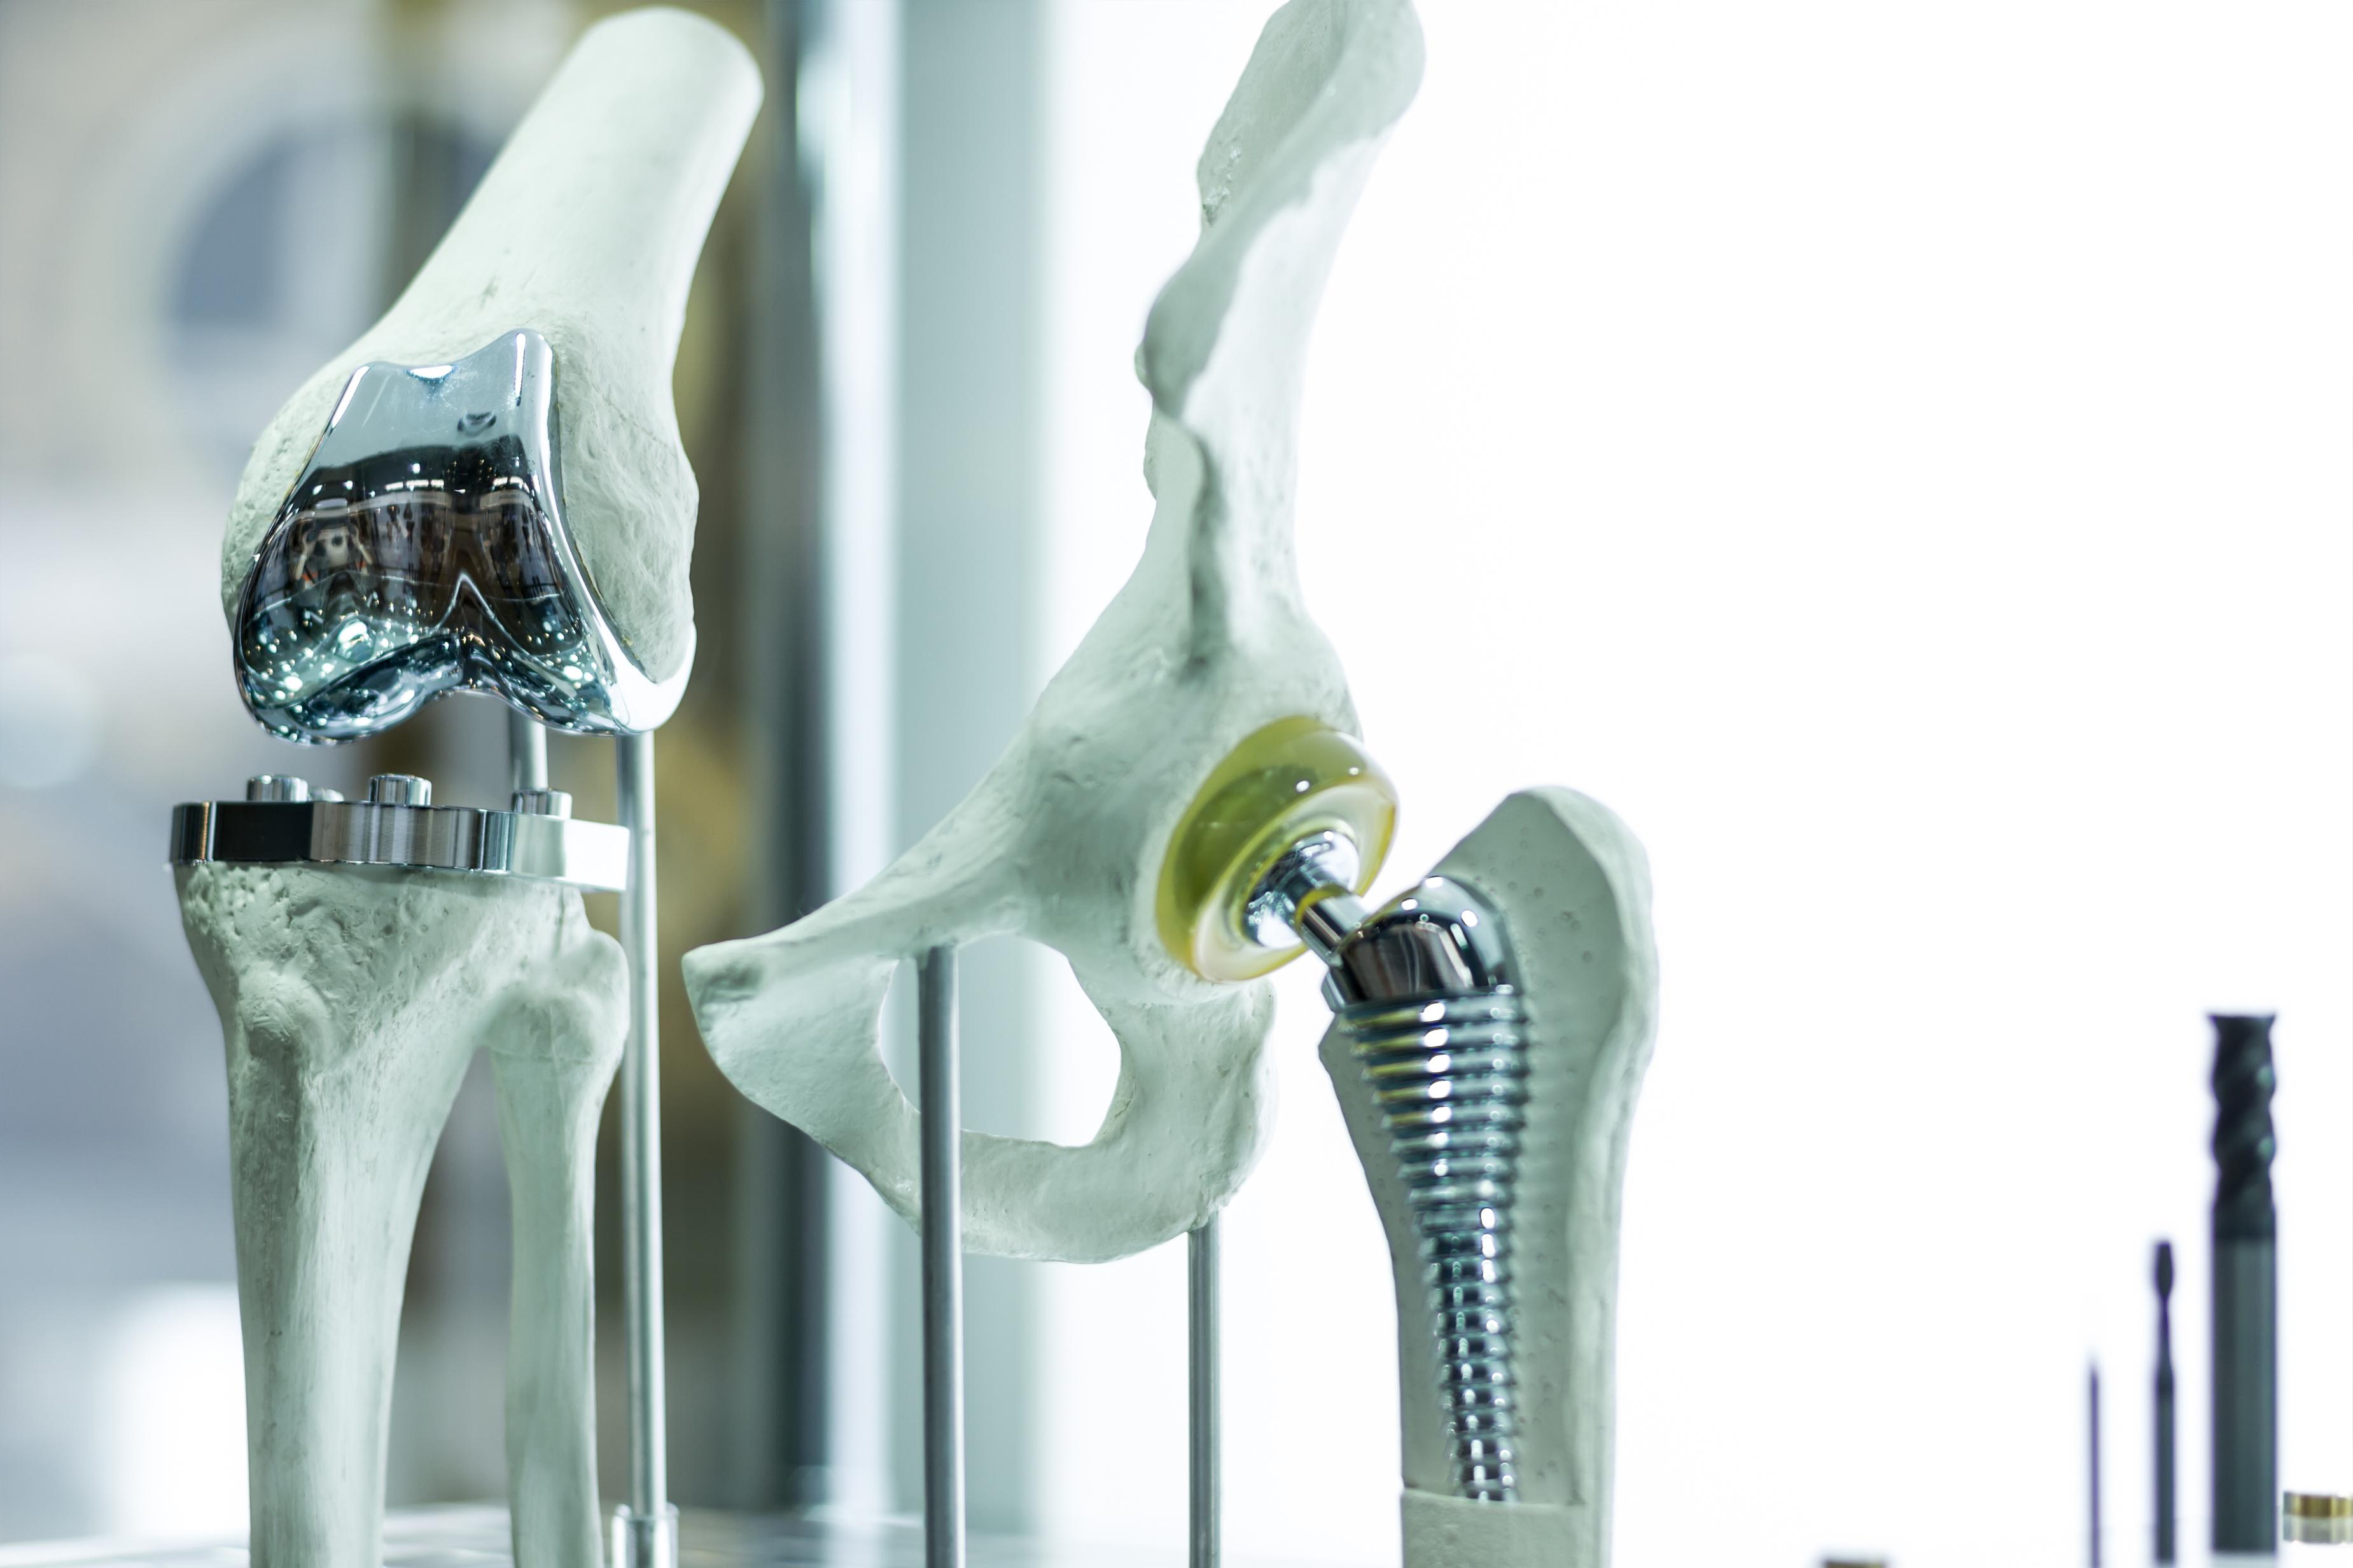 Замена коленного сустава: что это, видео-фото операций, технологии, сроки восстановления